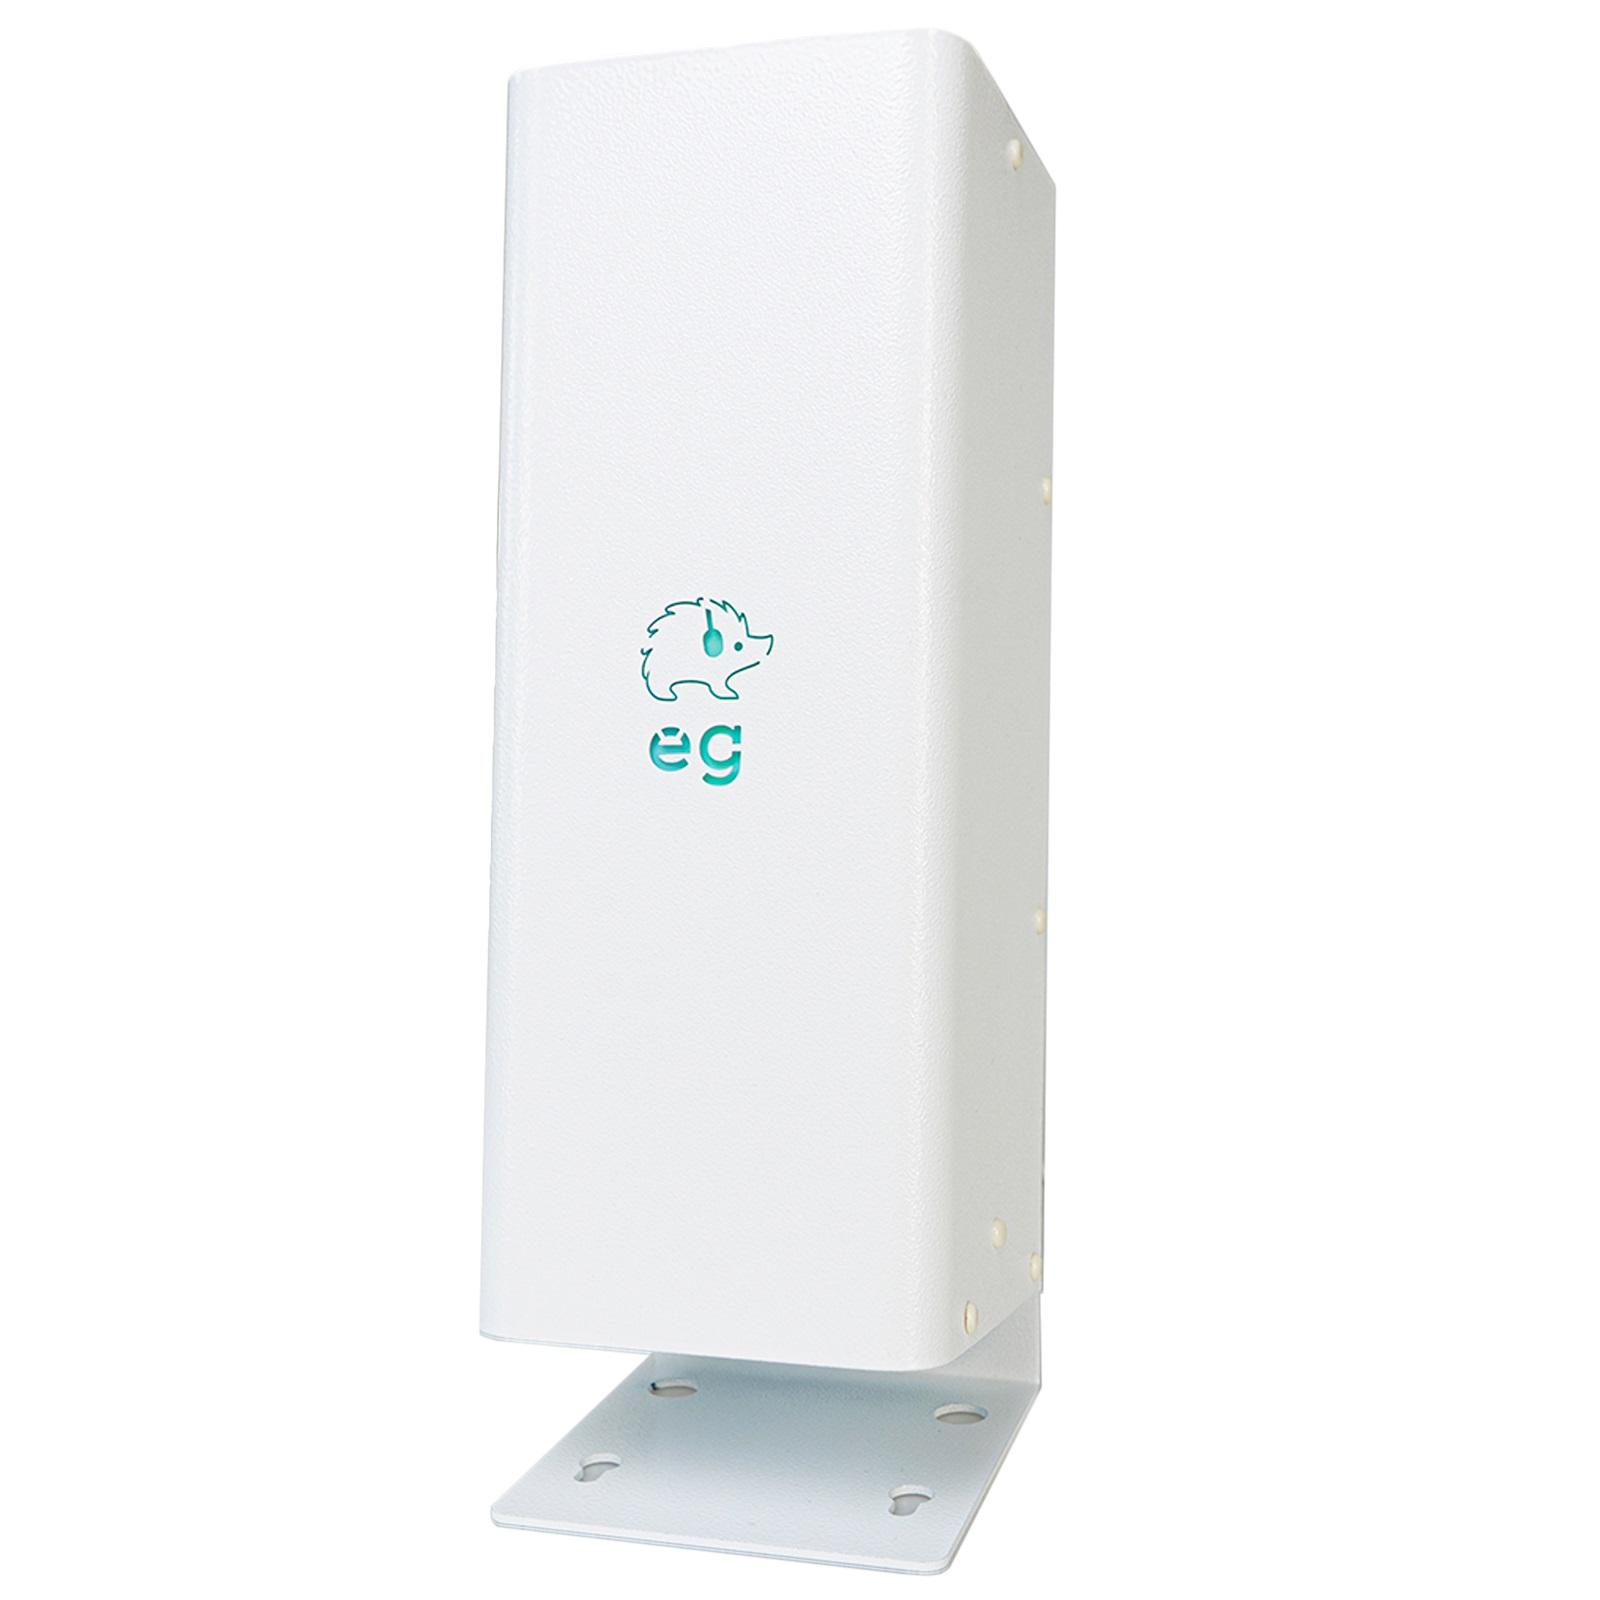 Купить Рециркулятор воздуха ультрафиолетовый бактерицидный RUV-1003 ДОМАШНИЙ ЕЖ, РЭМО